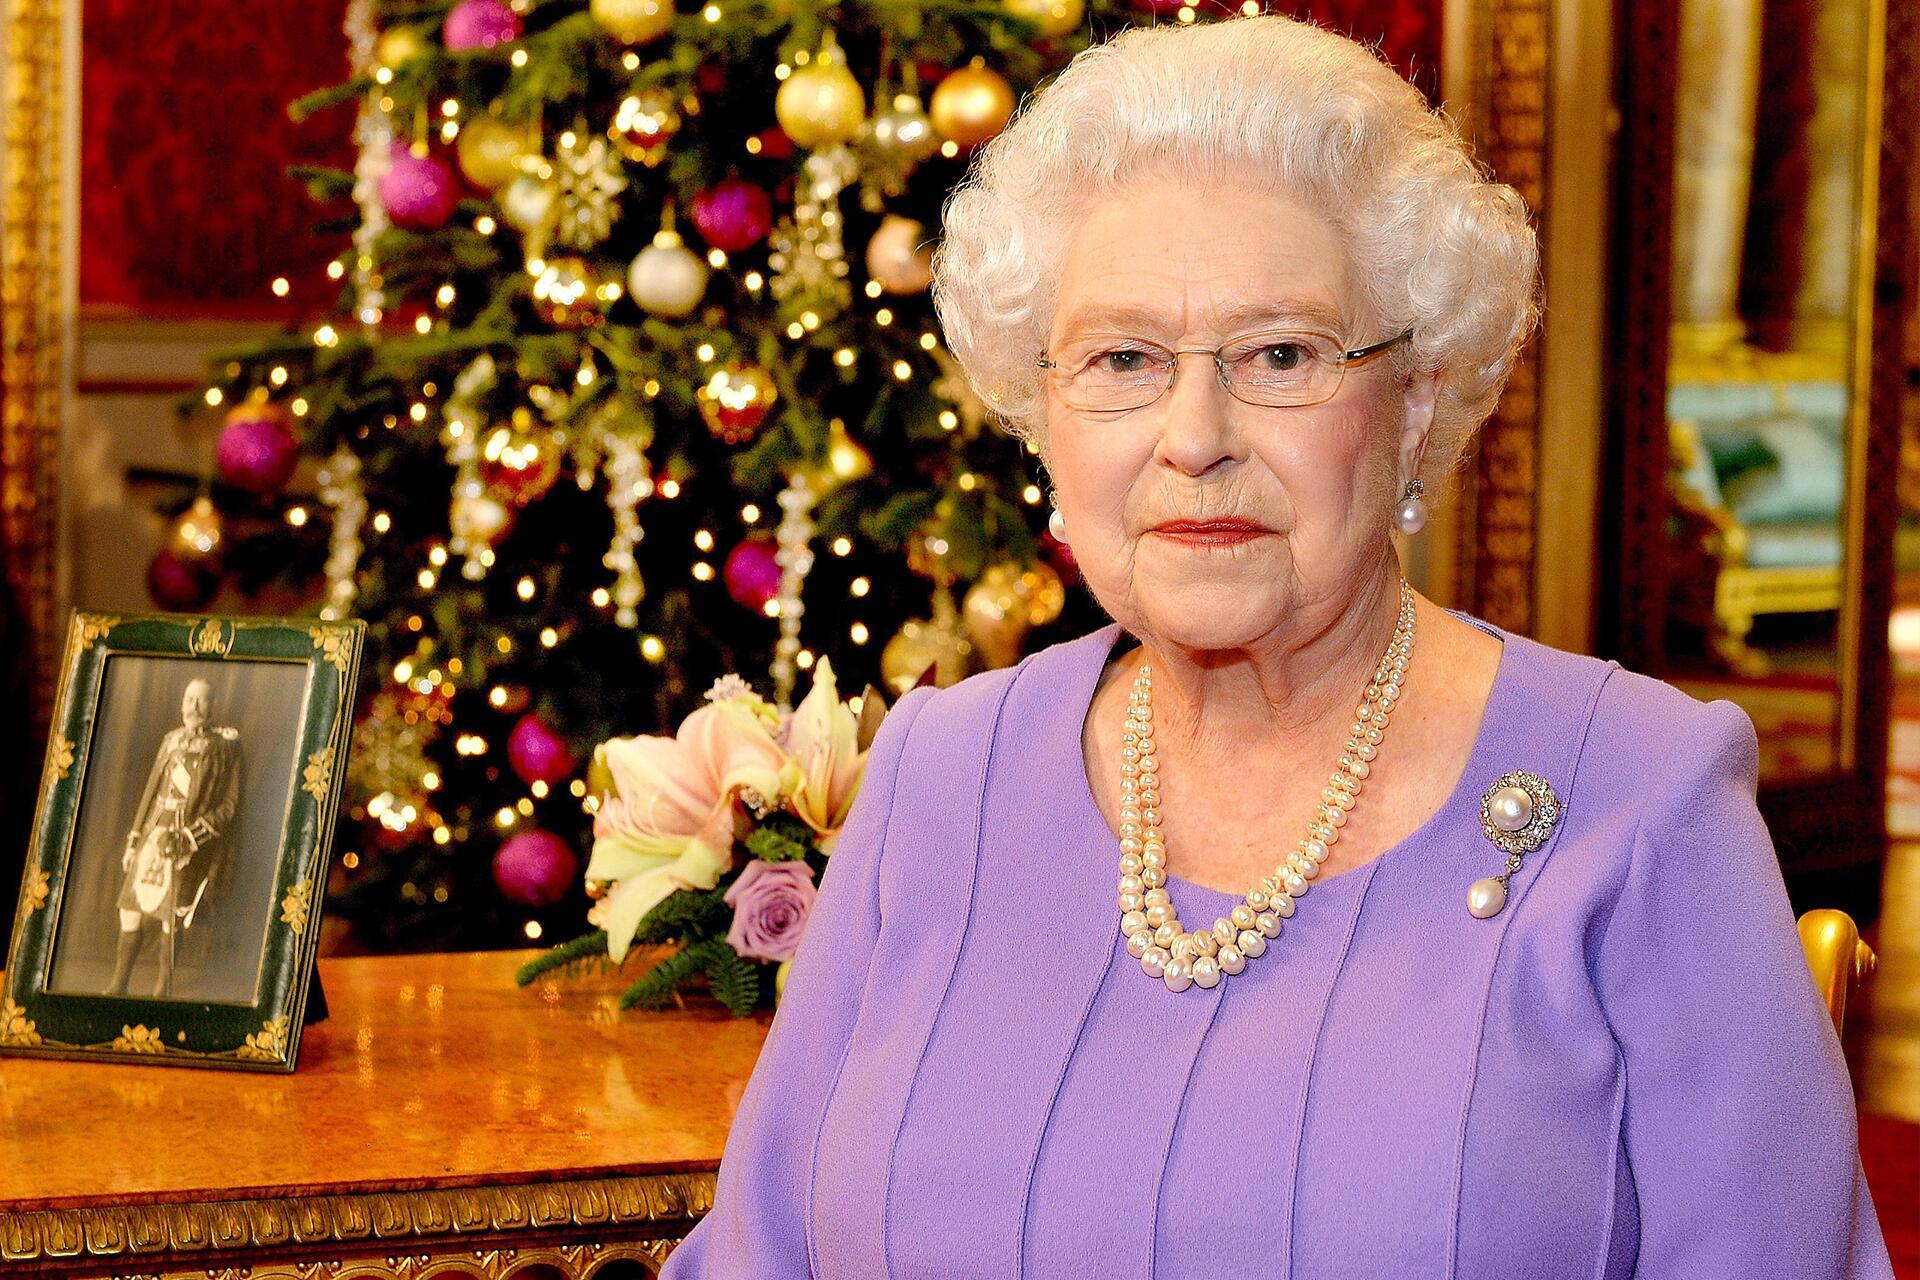 Bild zu Queen Elizabeth, Buckingham Palace, Royals, Weihnachten